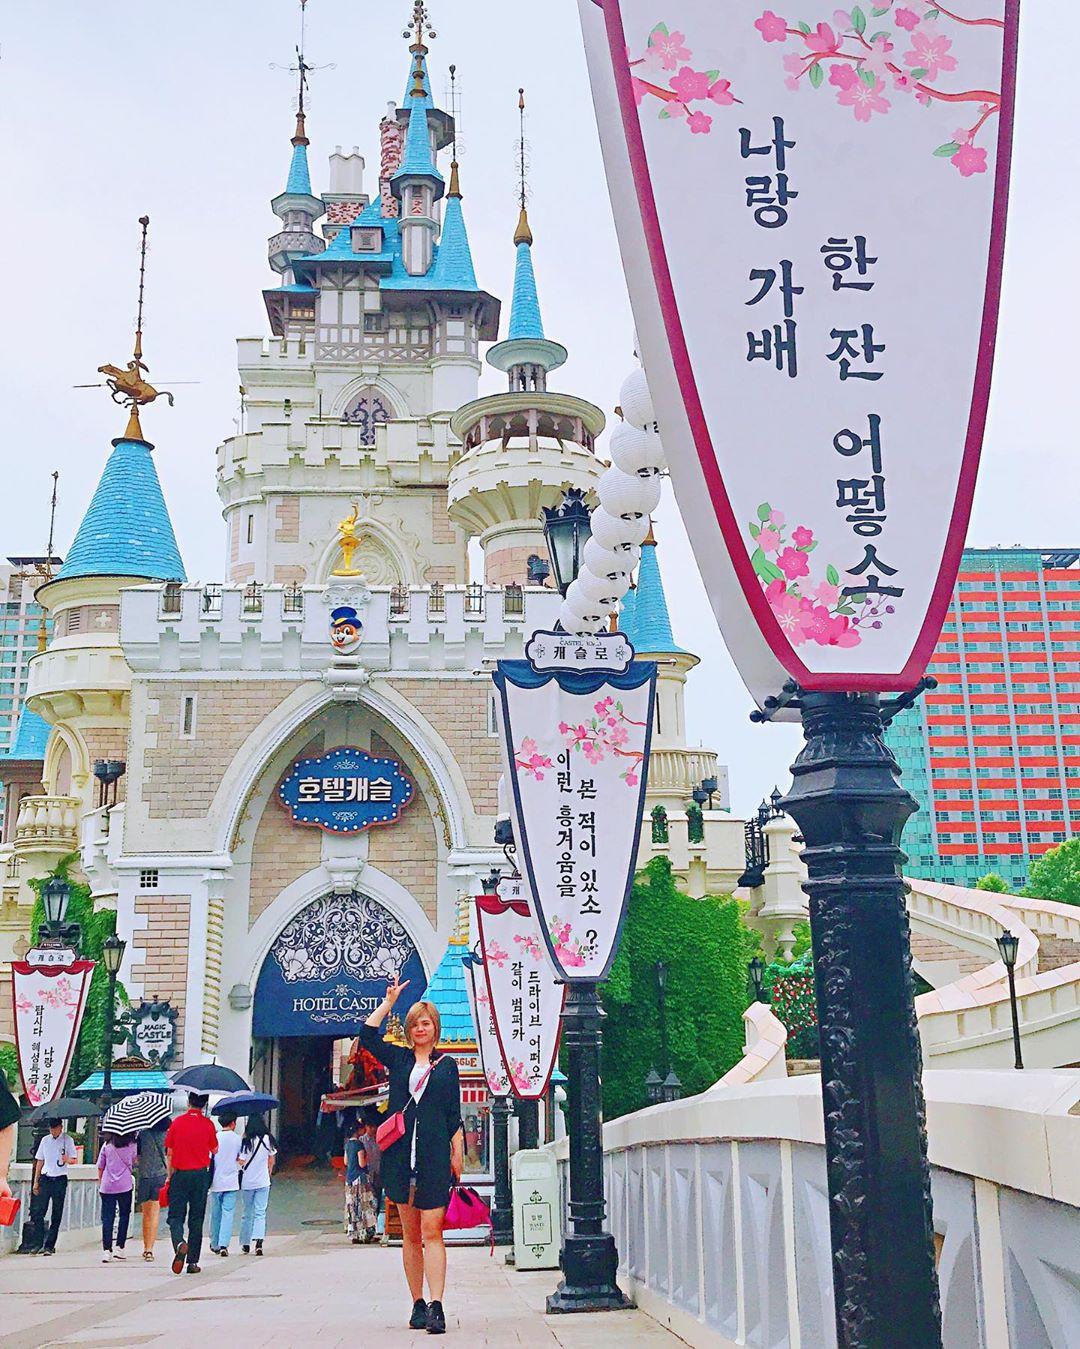 Điểm danh những điểm du lịch được fan Kpop yêu thích nhất Hàn Quốc - Ảnh 17.